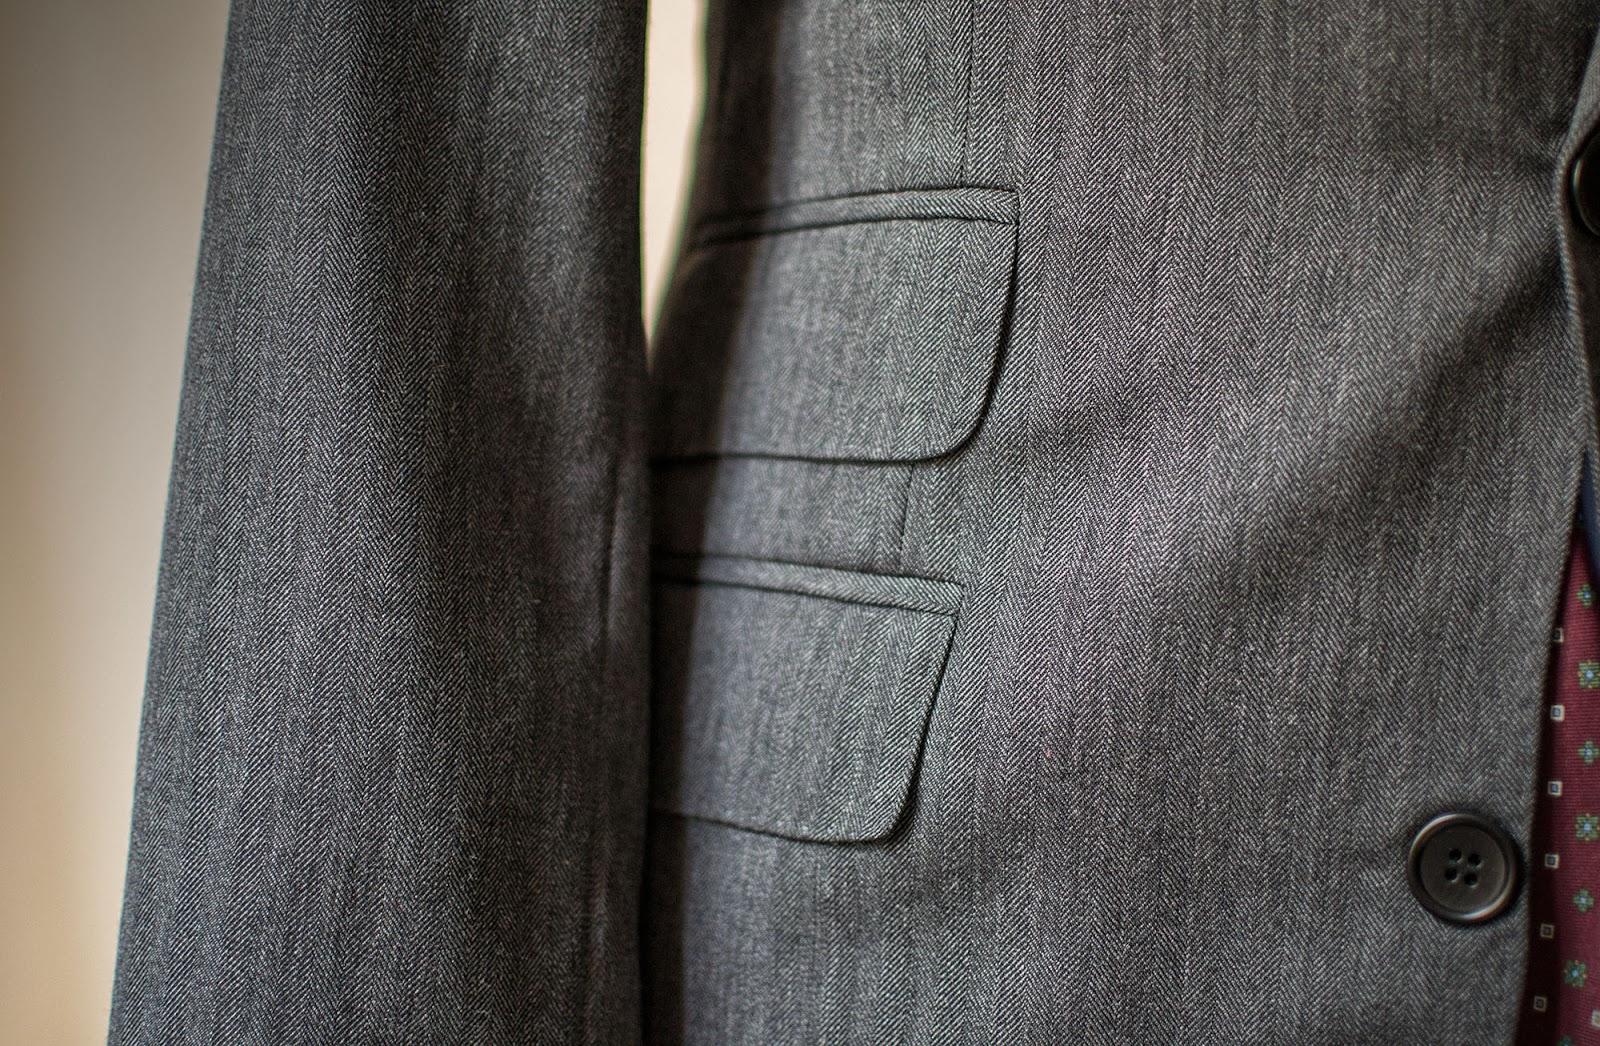 Clase, elegancia y distinción: EL ESTILO INGLES THE